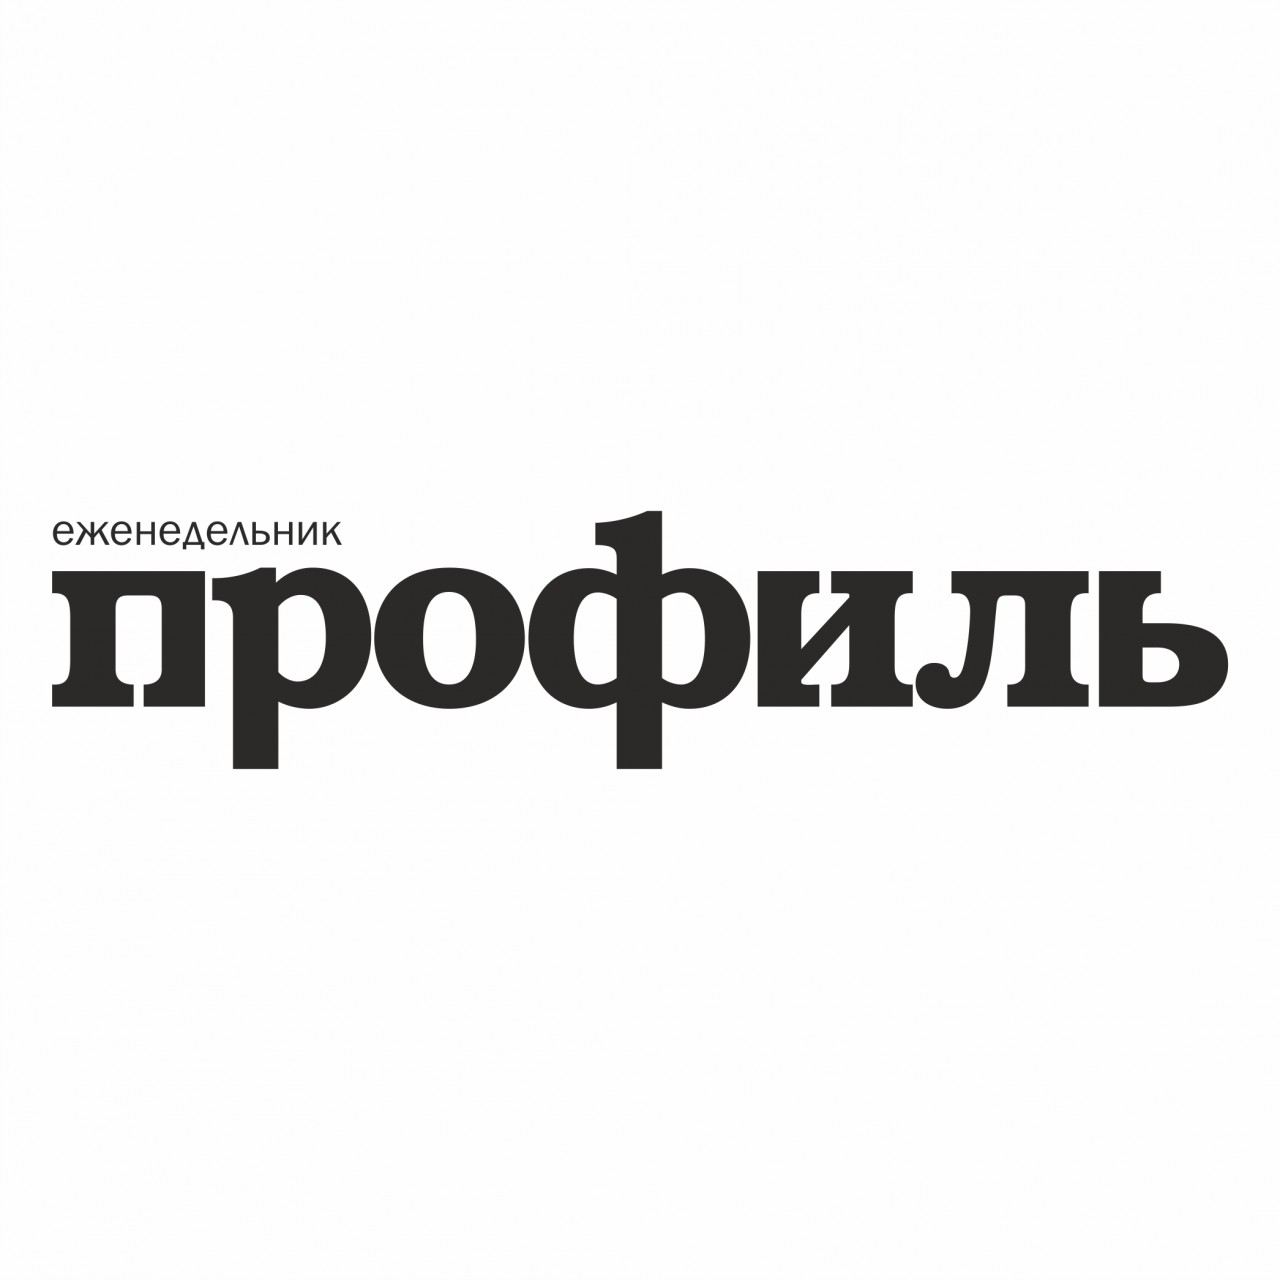 Собянин заявил об участии в выборах мэра перед москвичами в Парке Горького